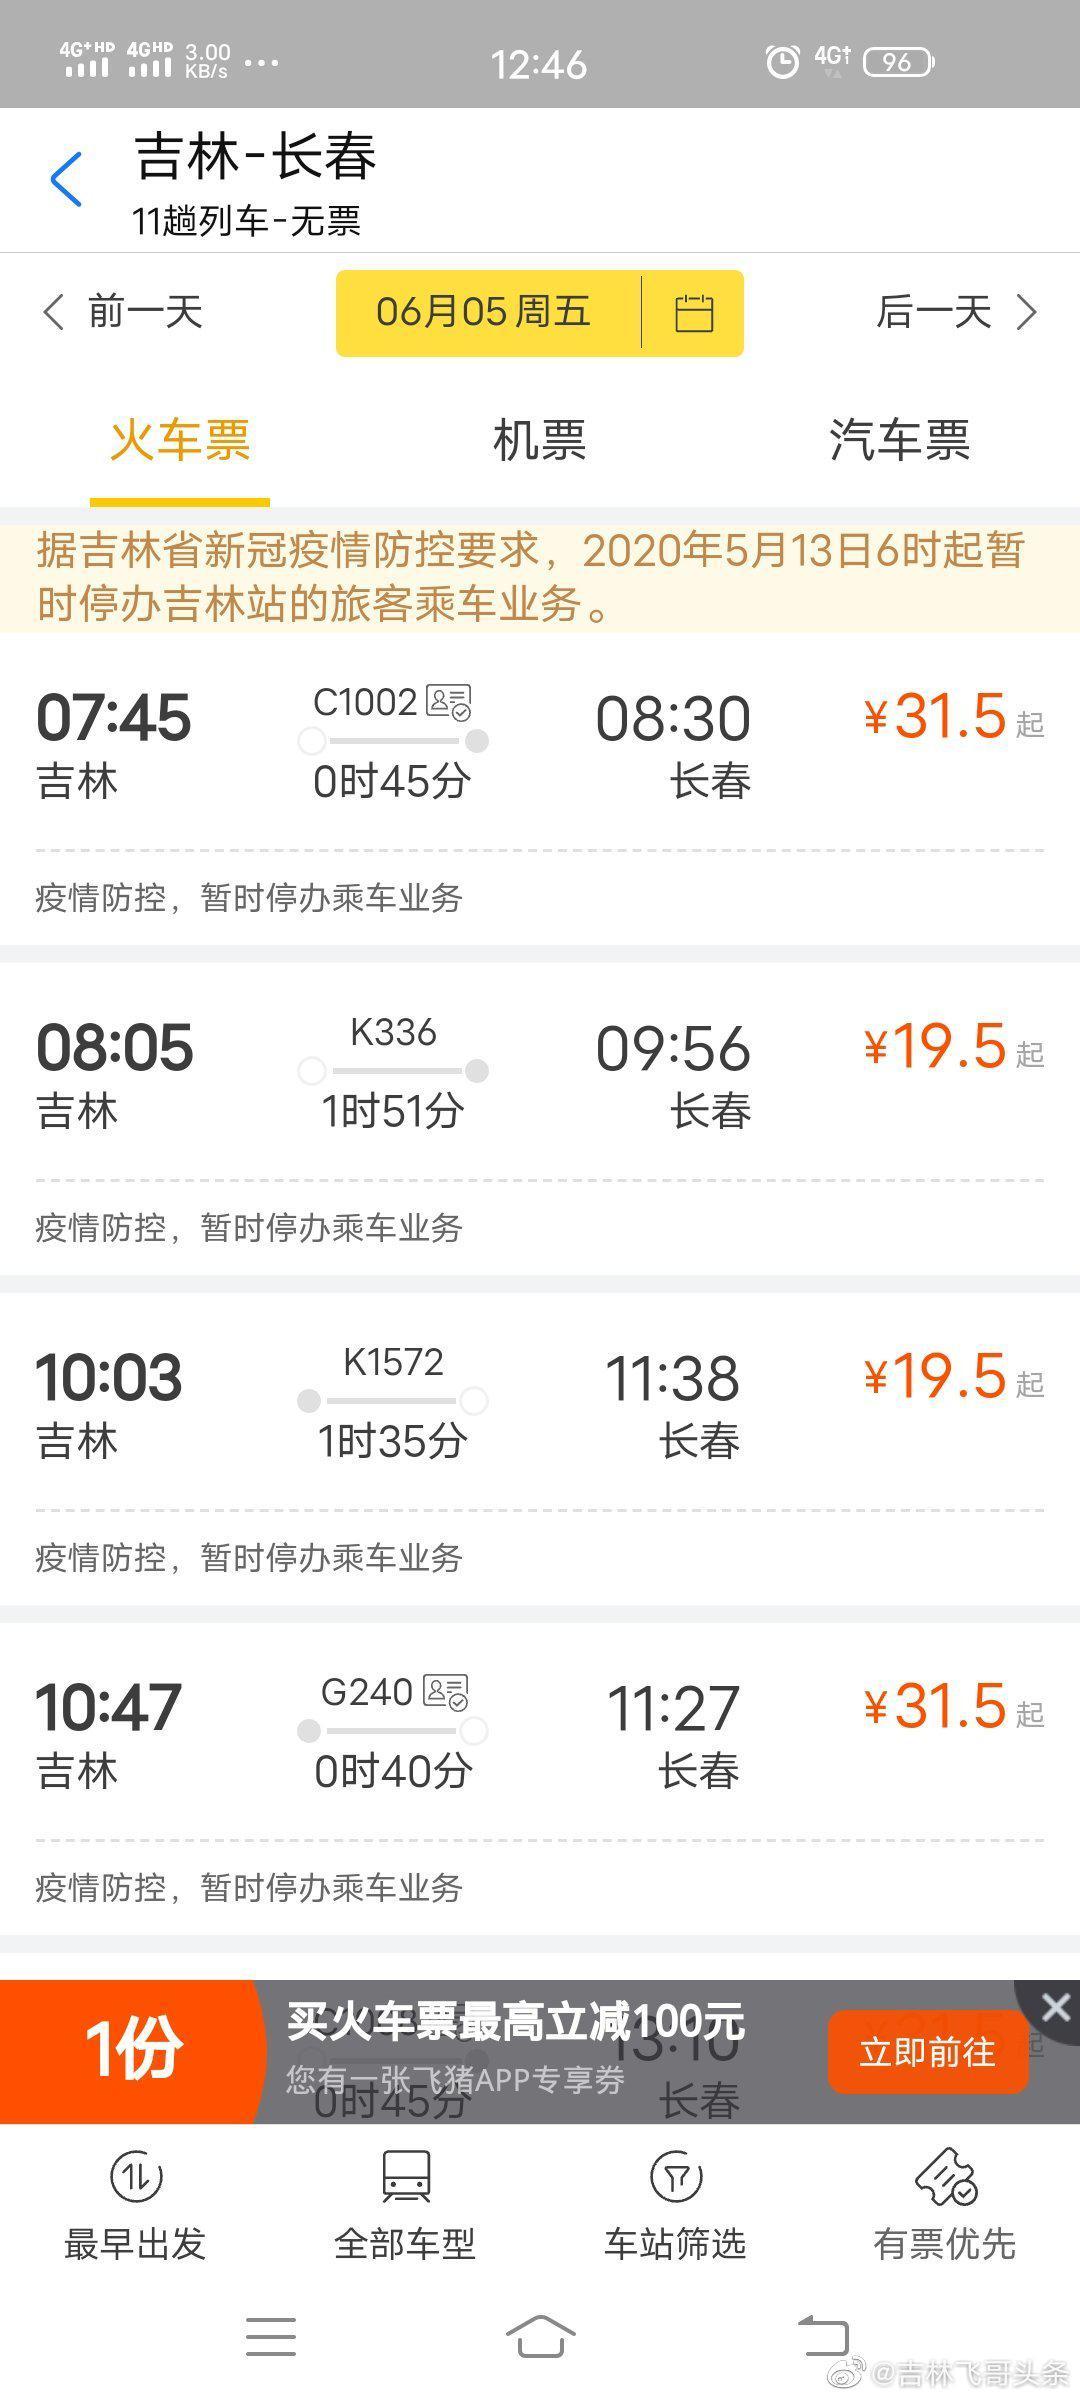 闲着没事儿查查吉林市到长春的火车票……